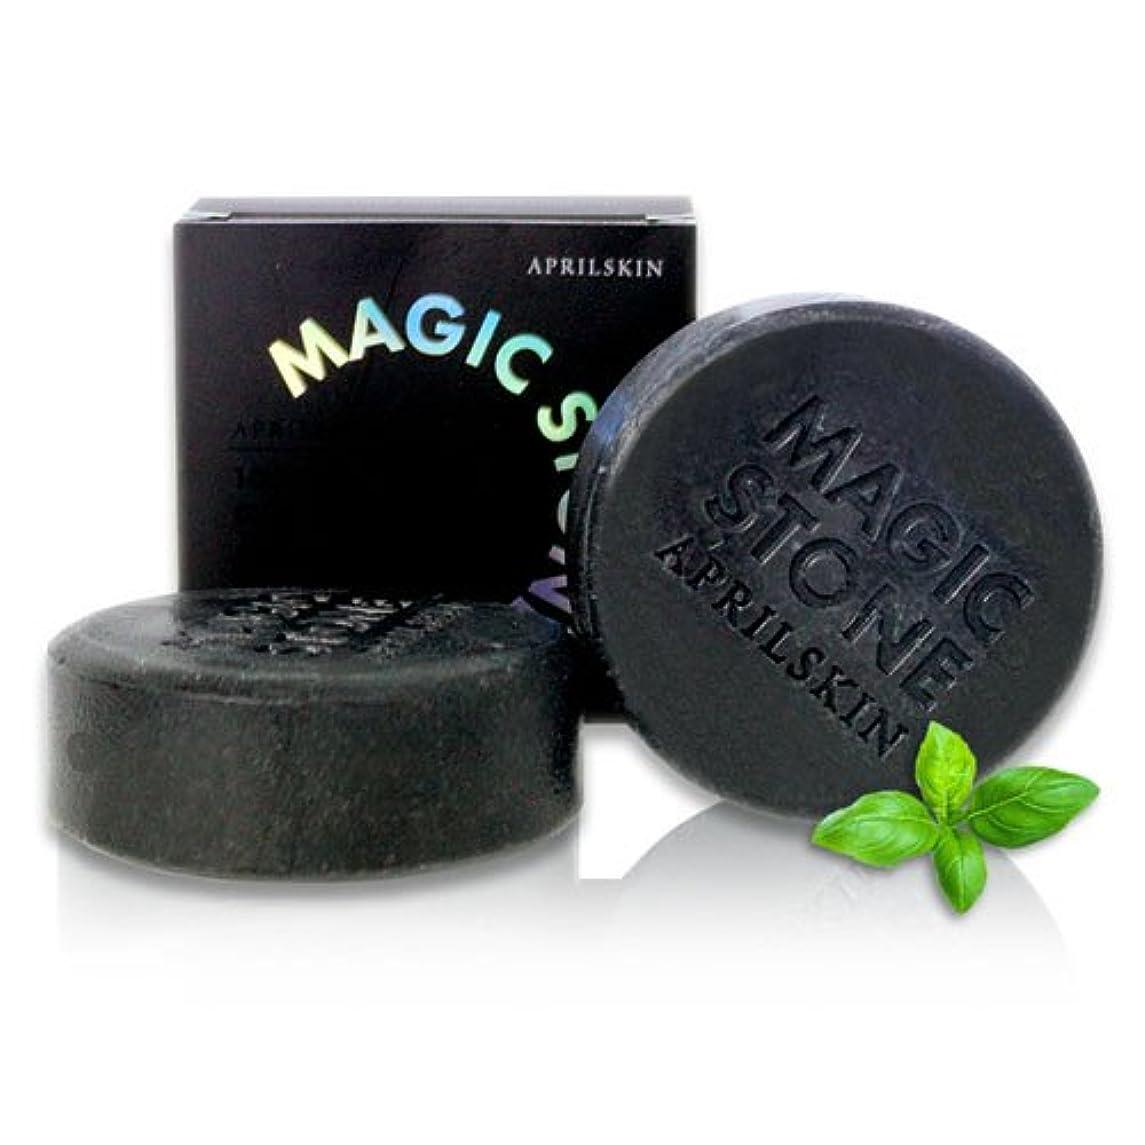 漂流現代の水っぽいエープリル?スキン [韓国コスメ April Skin] マジック ストーン (100%天然石けん) Magic Stone Black [海外直送品][並行輸入品]